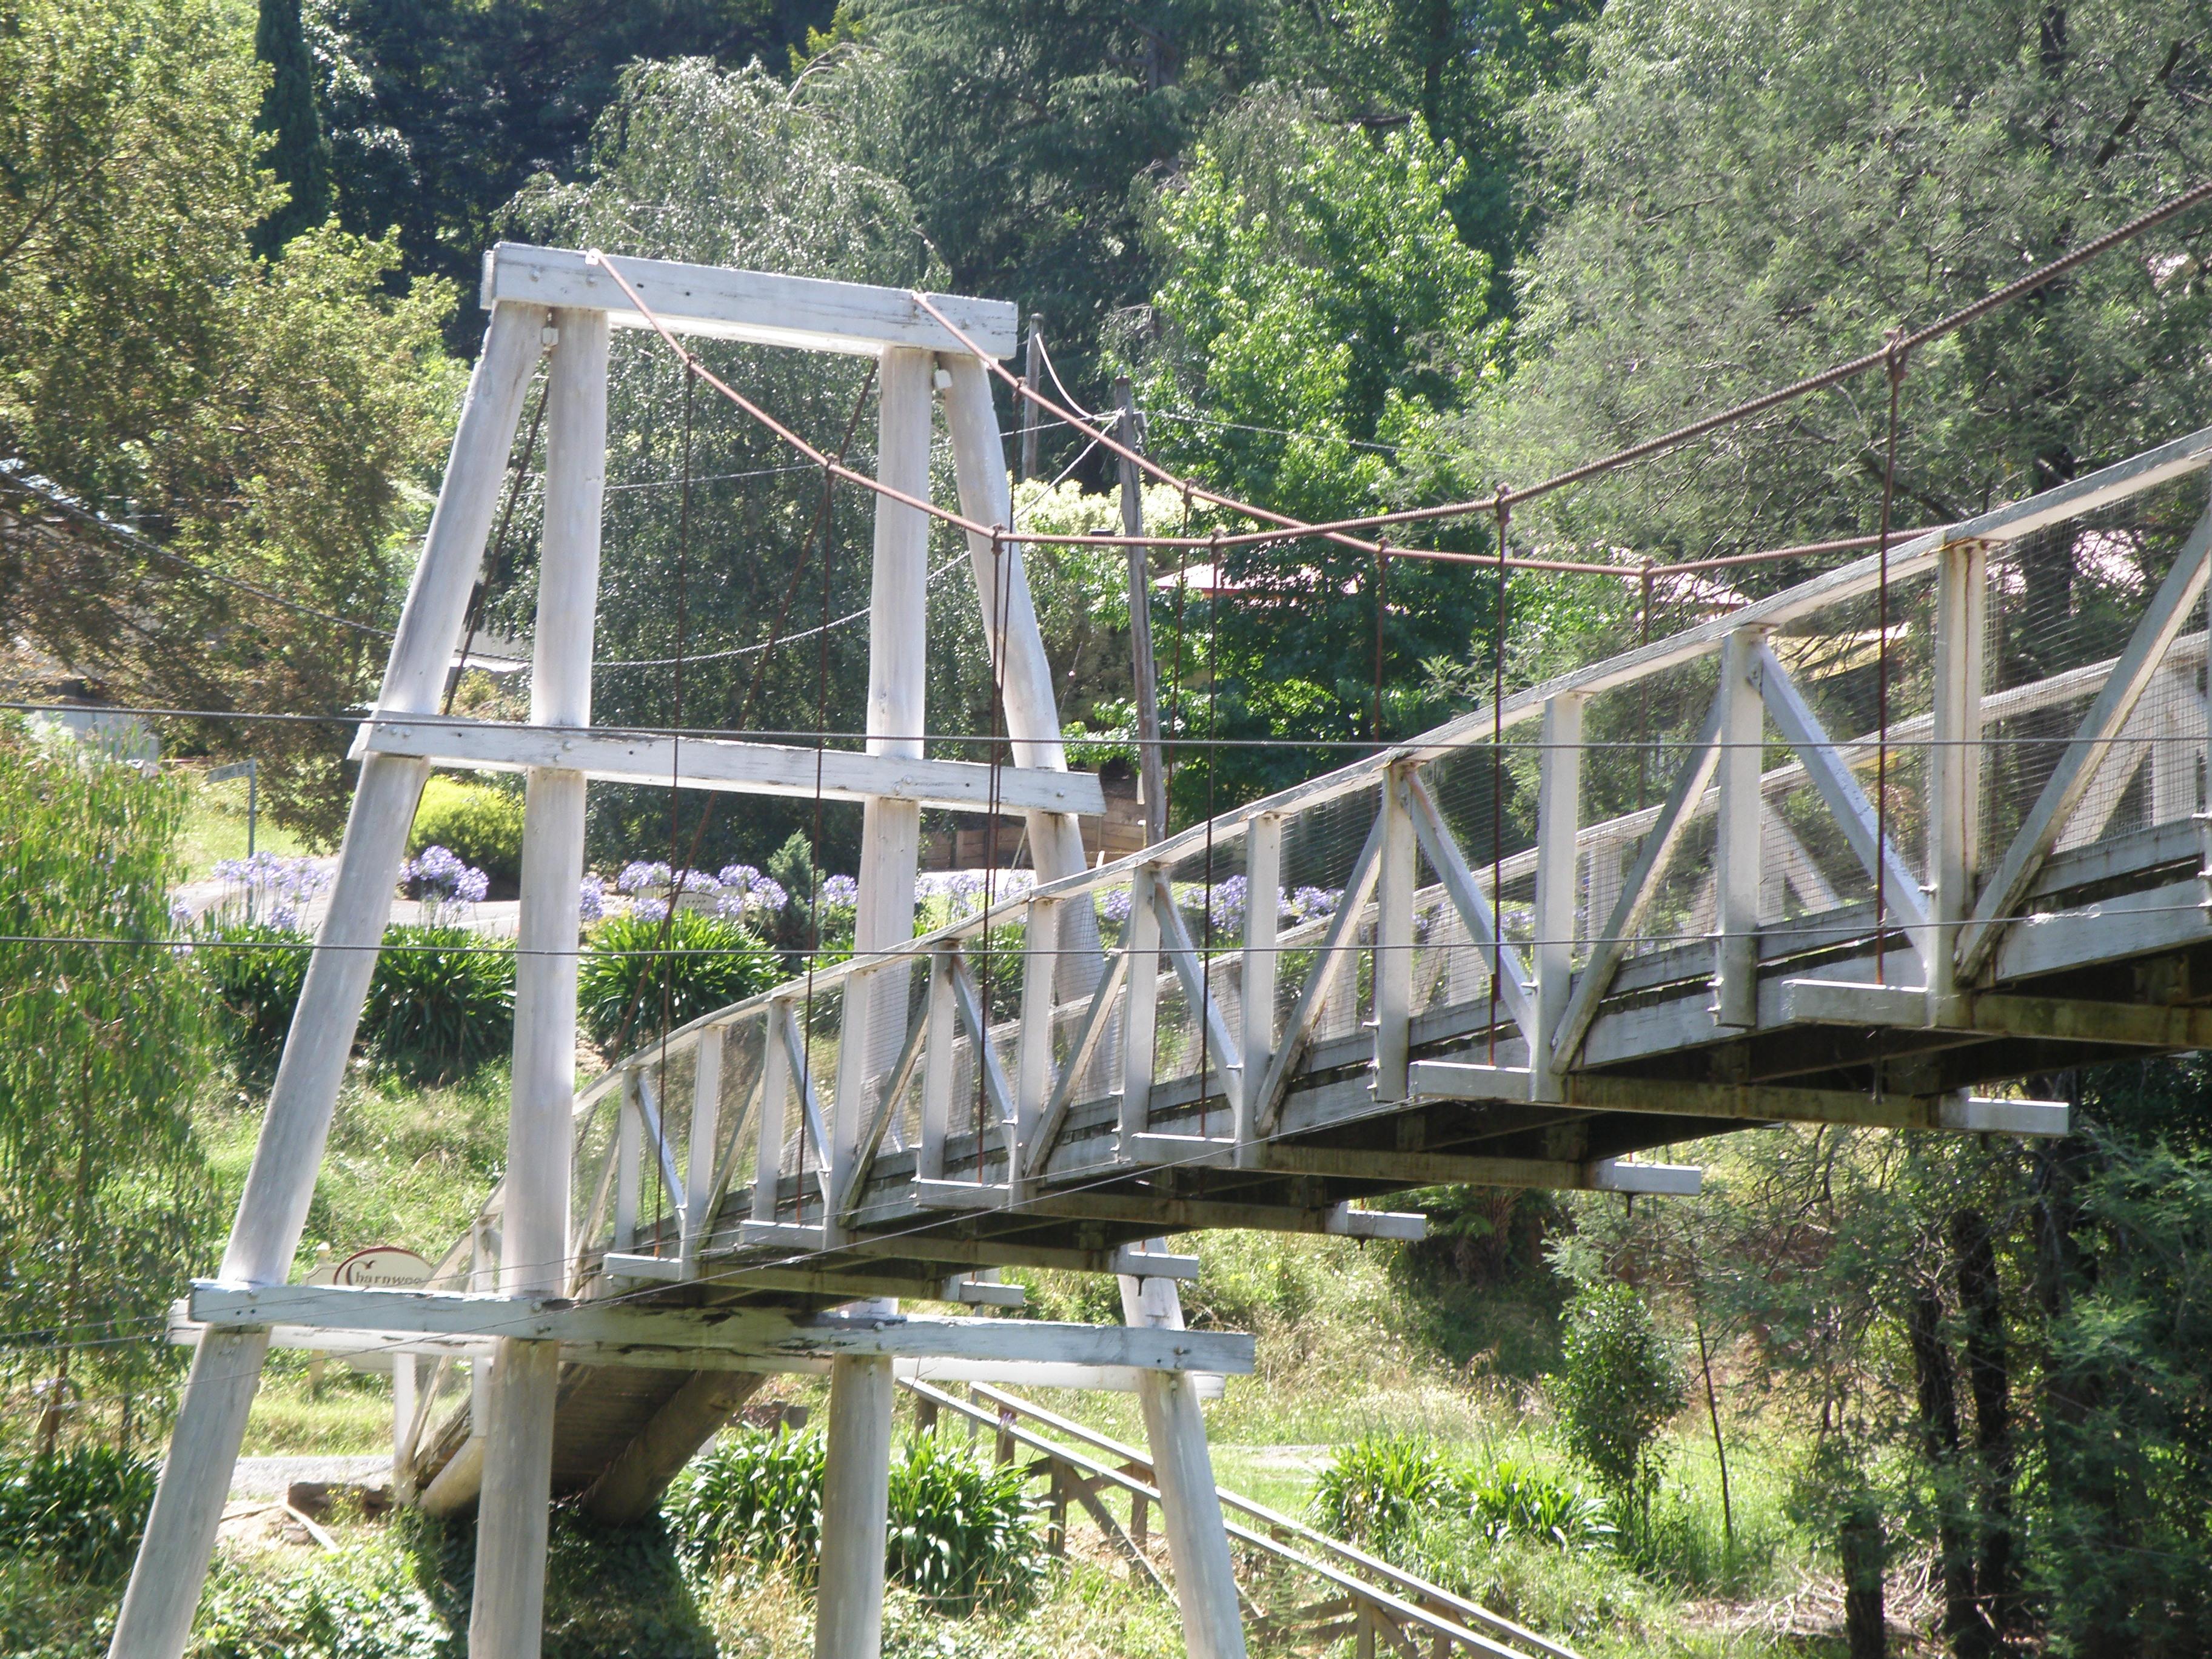 File:Swing Bridge Suspension Bridge 2009 Wooden 2.JPG - Wikimedia ...